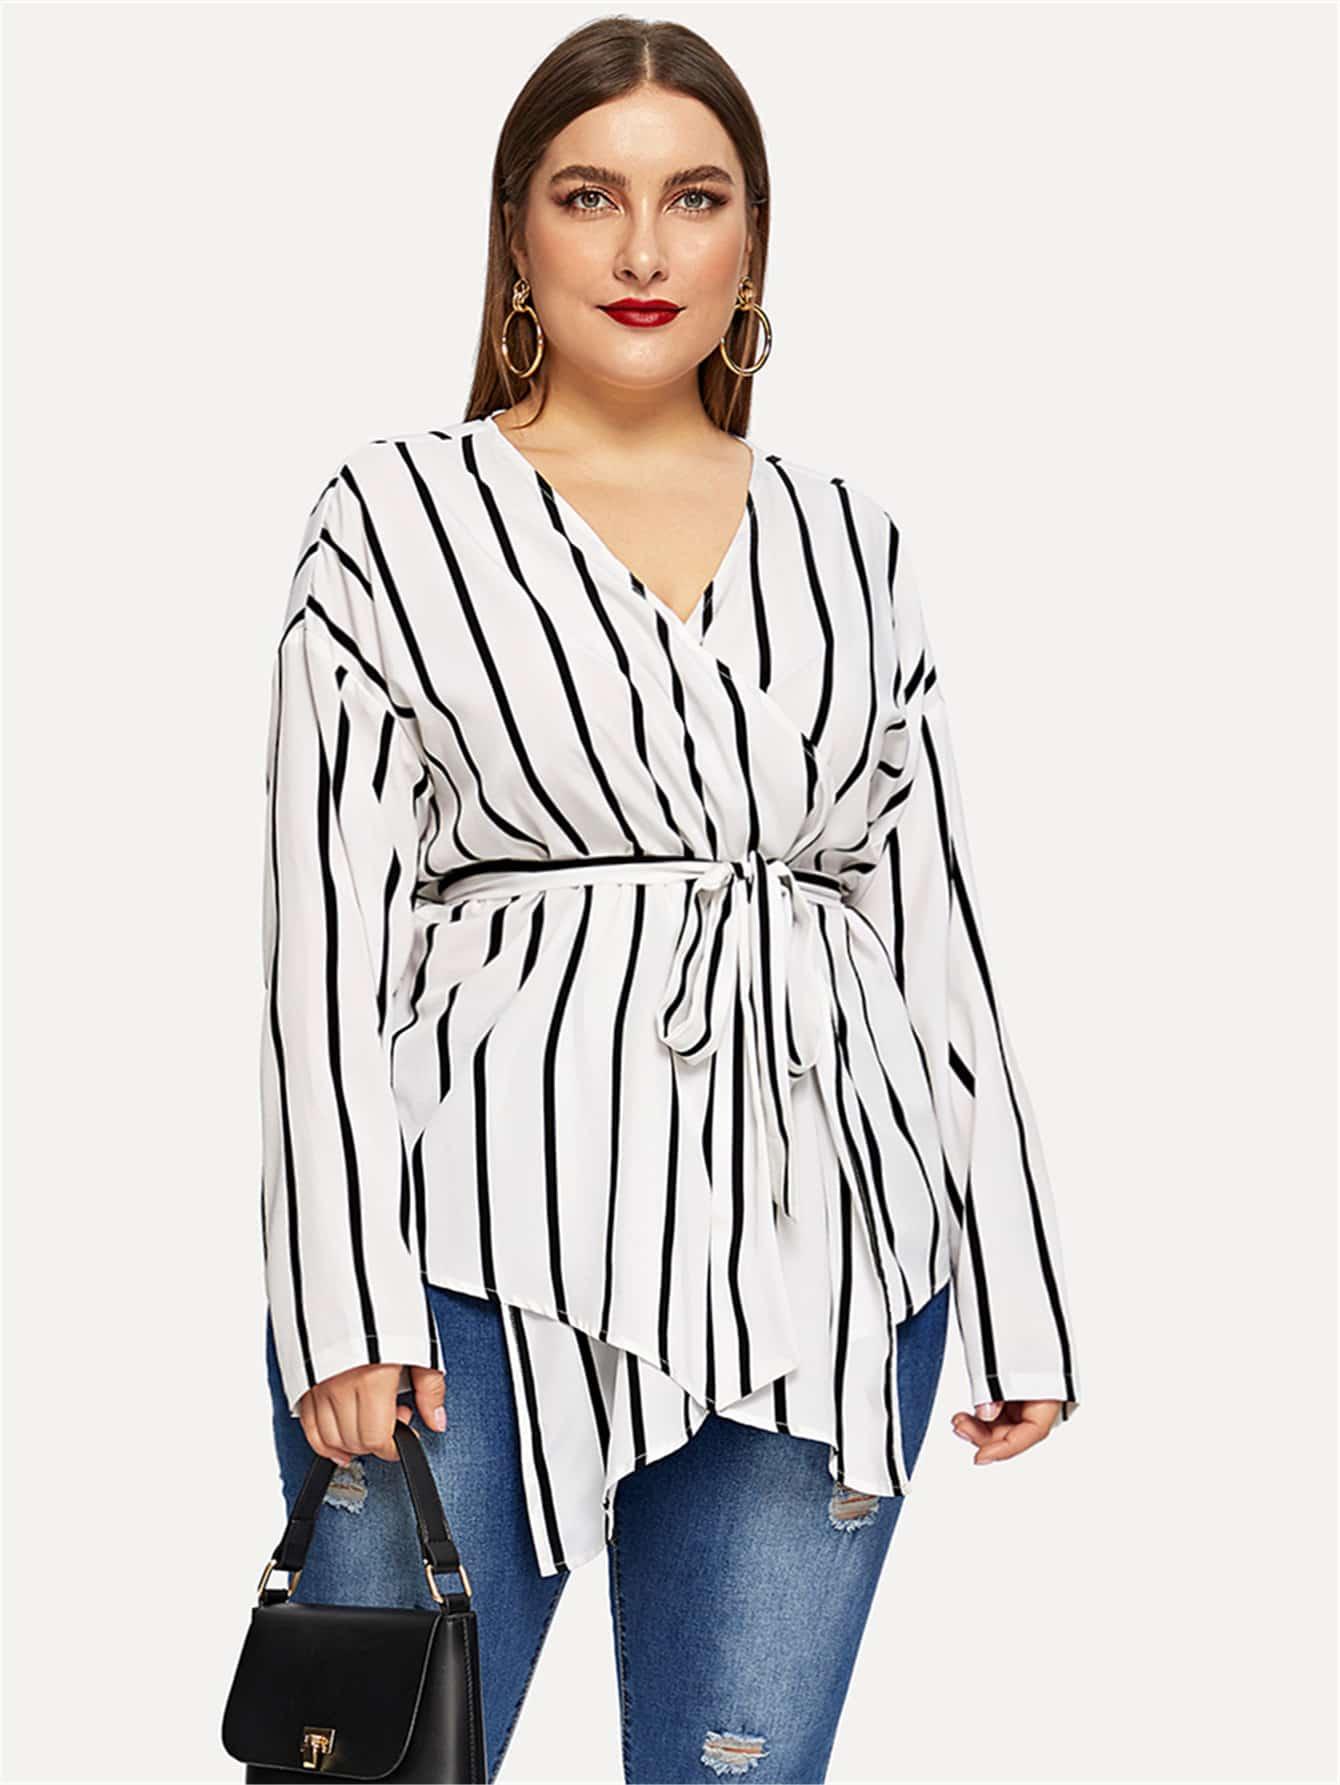 Купить Размера плюс полосатая блузка с v-образным вырезом и поясом, Franziska, SheIn